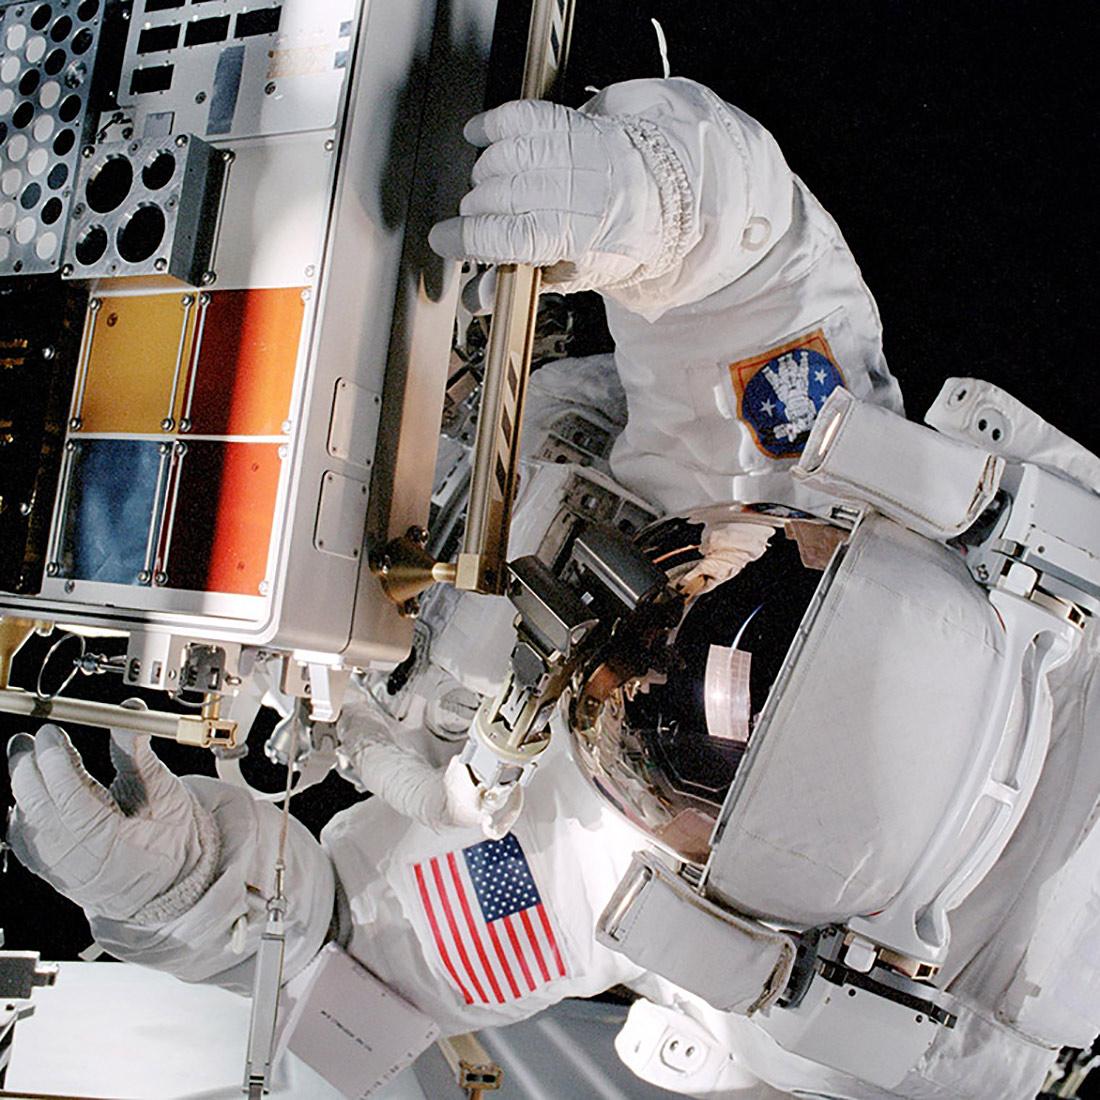 misse astronaut eva